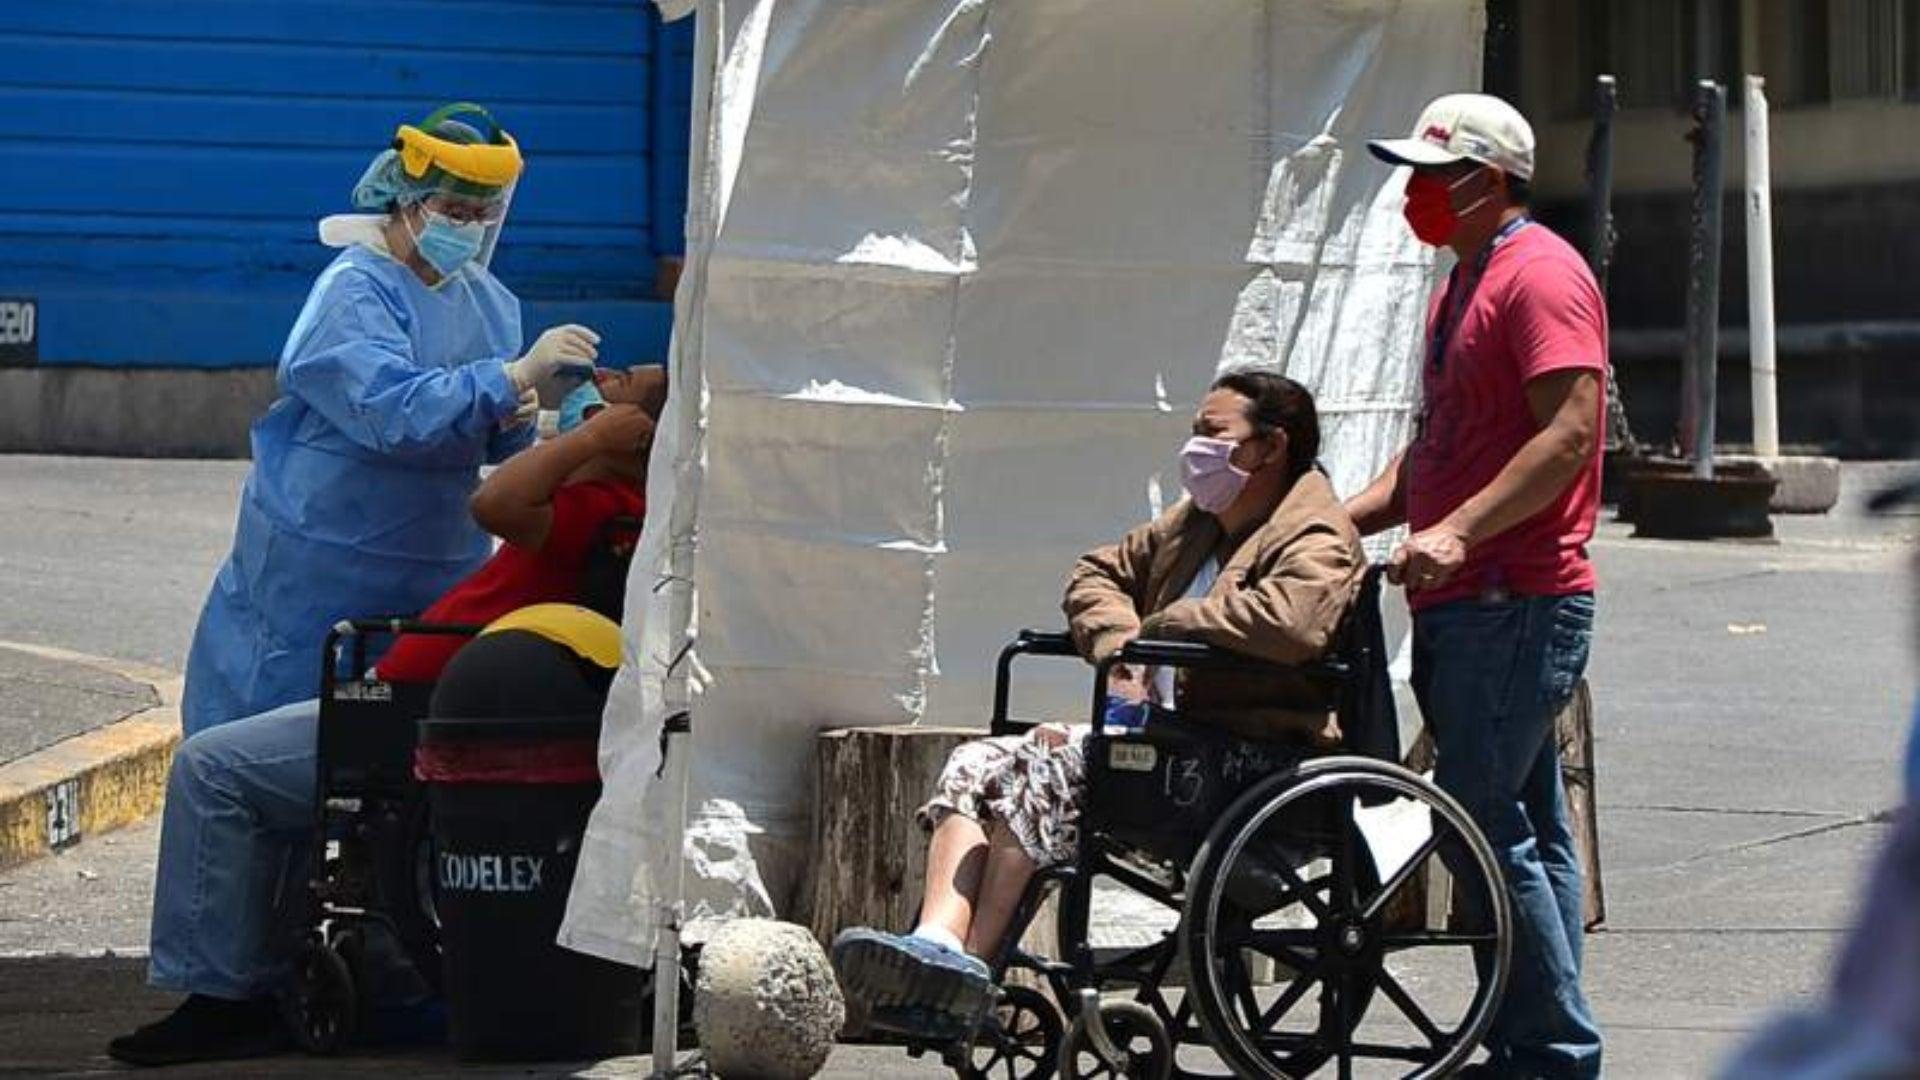 caso de reinfección COVID-19 Honduras